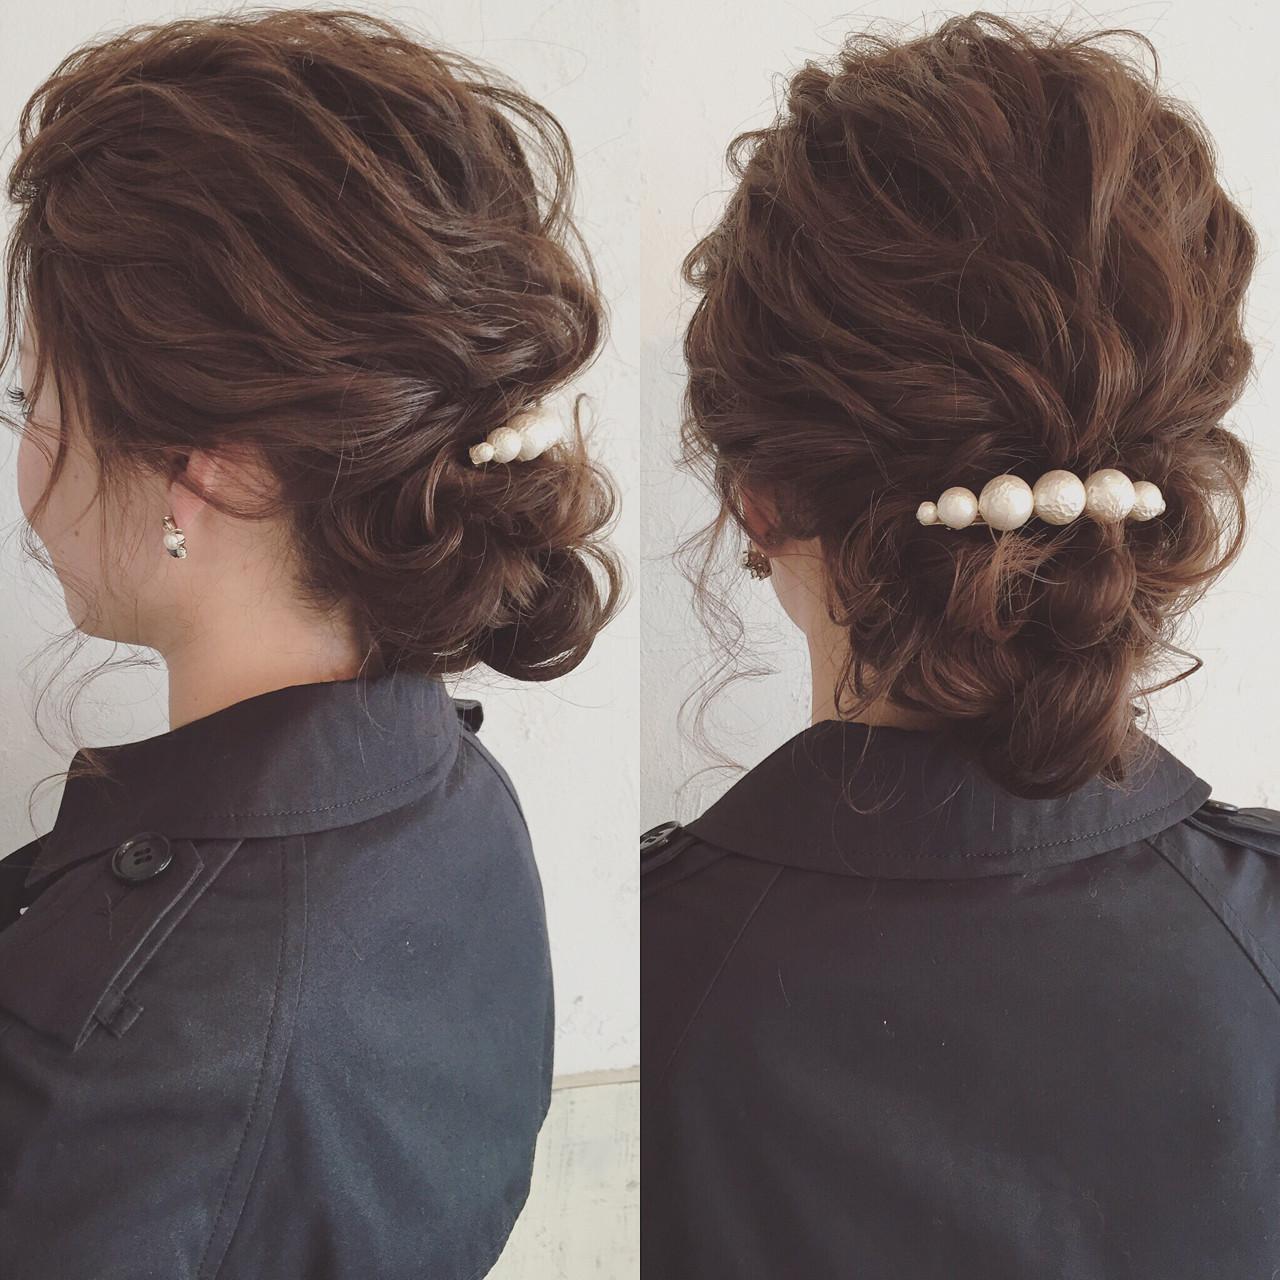 アップスタイル ツイスト ロープ編み ヘアアレンジ ヘアスタイルや髪型の写真・画像